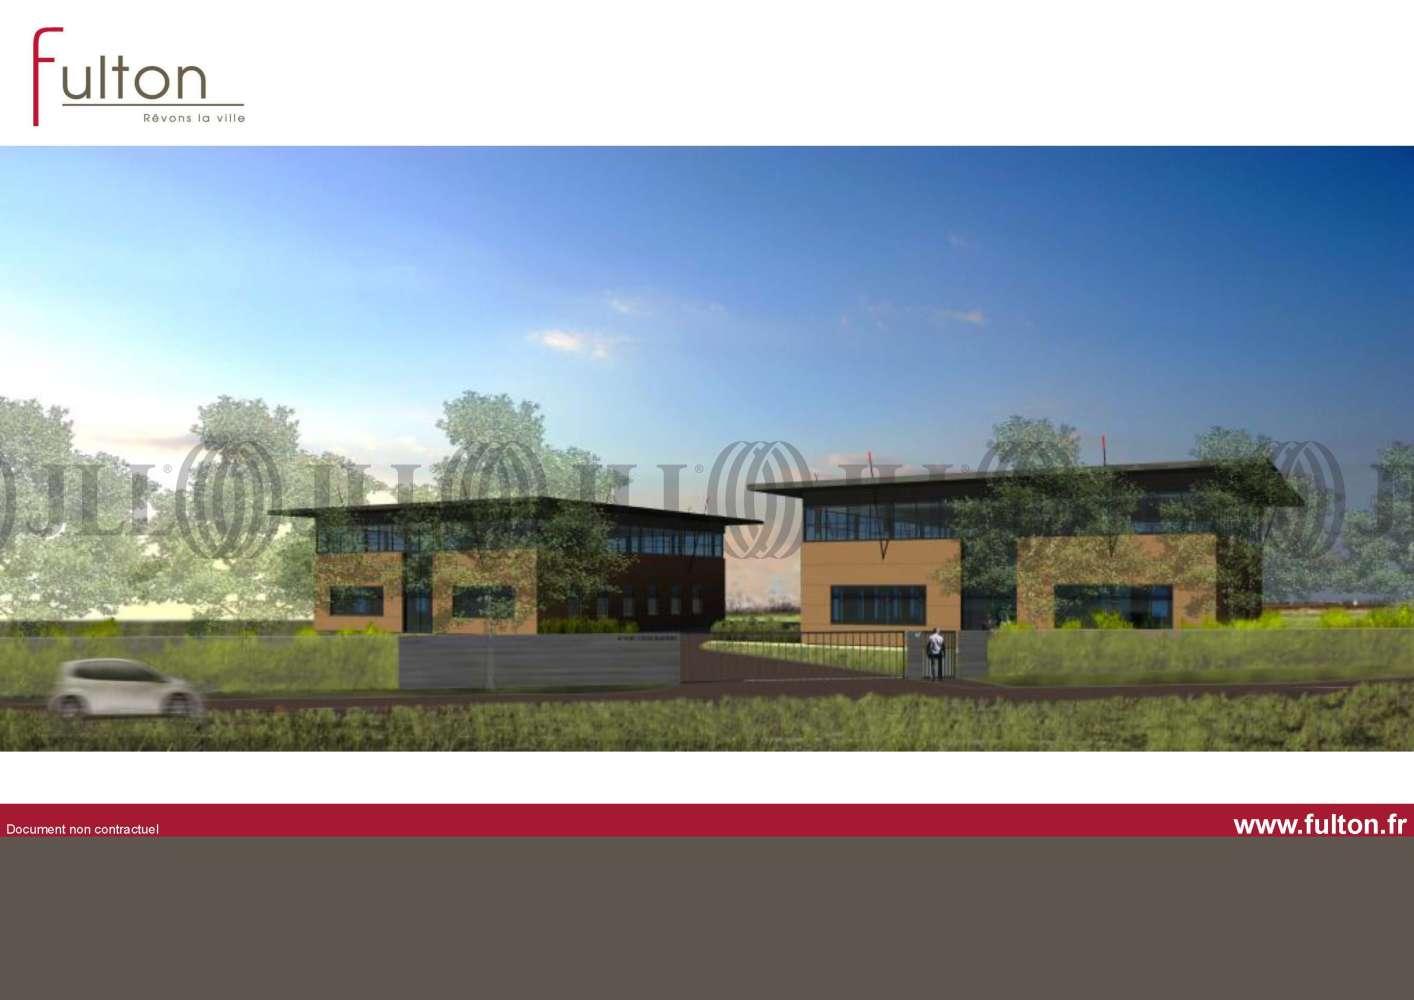 Activités/entrepôt Reims, 51100 - PROGRAMME FULTON - 488654